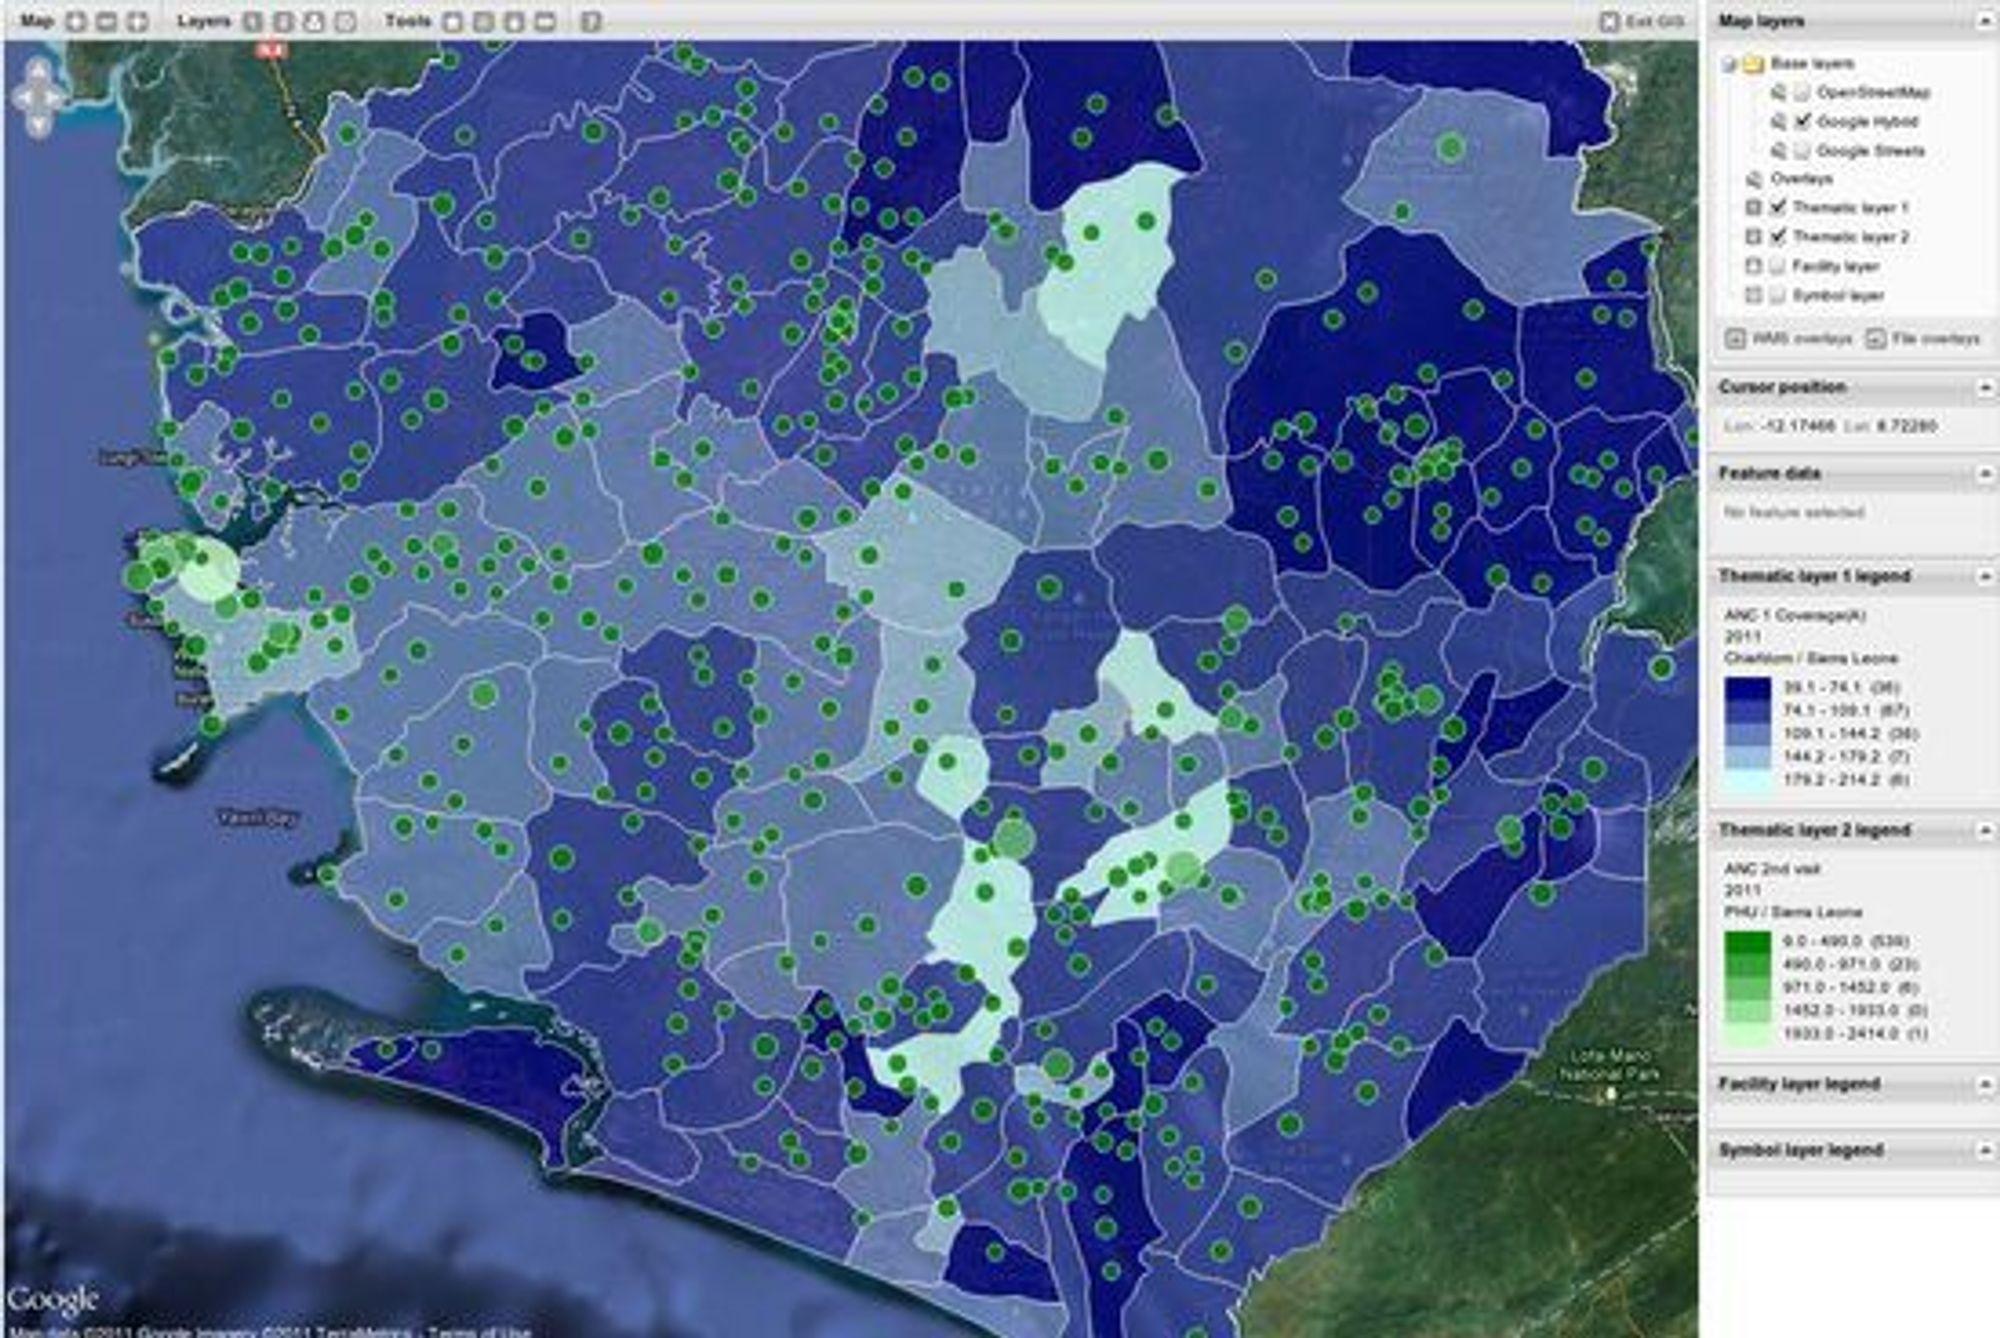 Bruken av åpne standarder forenkler utviklingsarbeidet for å visualisere helsedata på distriktsnivå, her fra Sierra Leone.